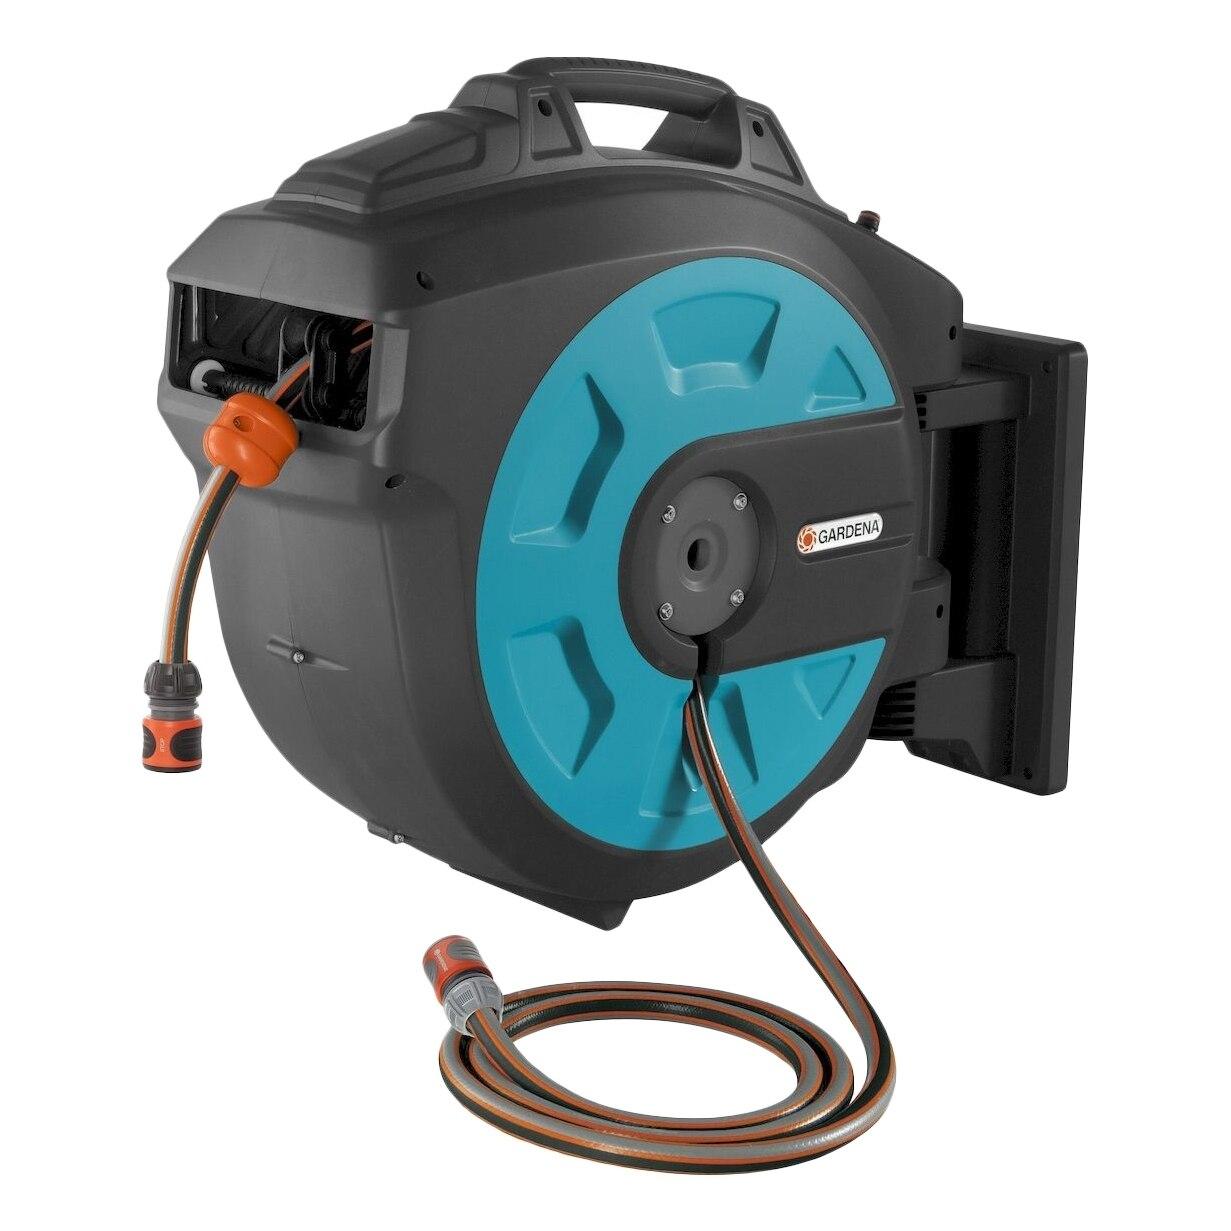 Coil garden hose GARDENA 08024-2000000 garden water connector gardena 2775 20